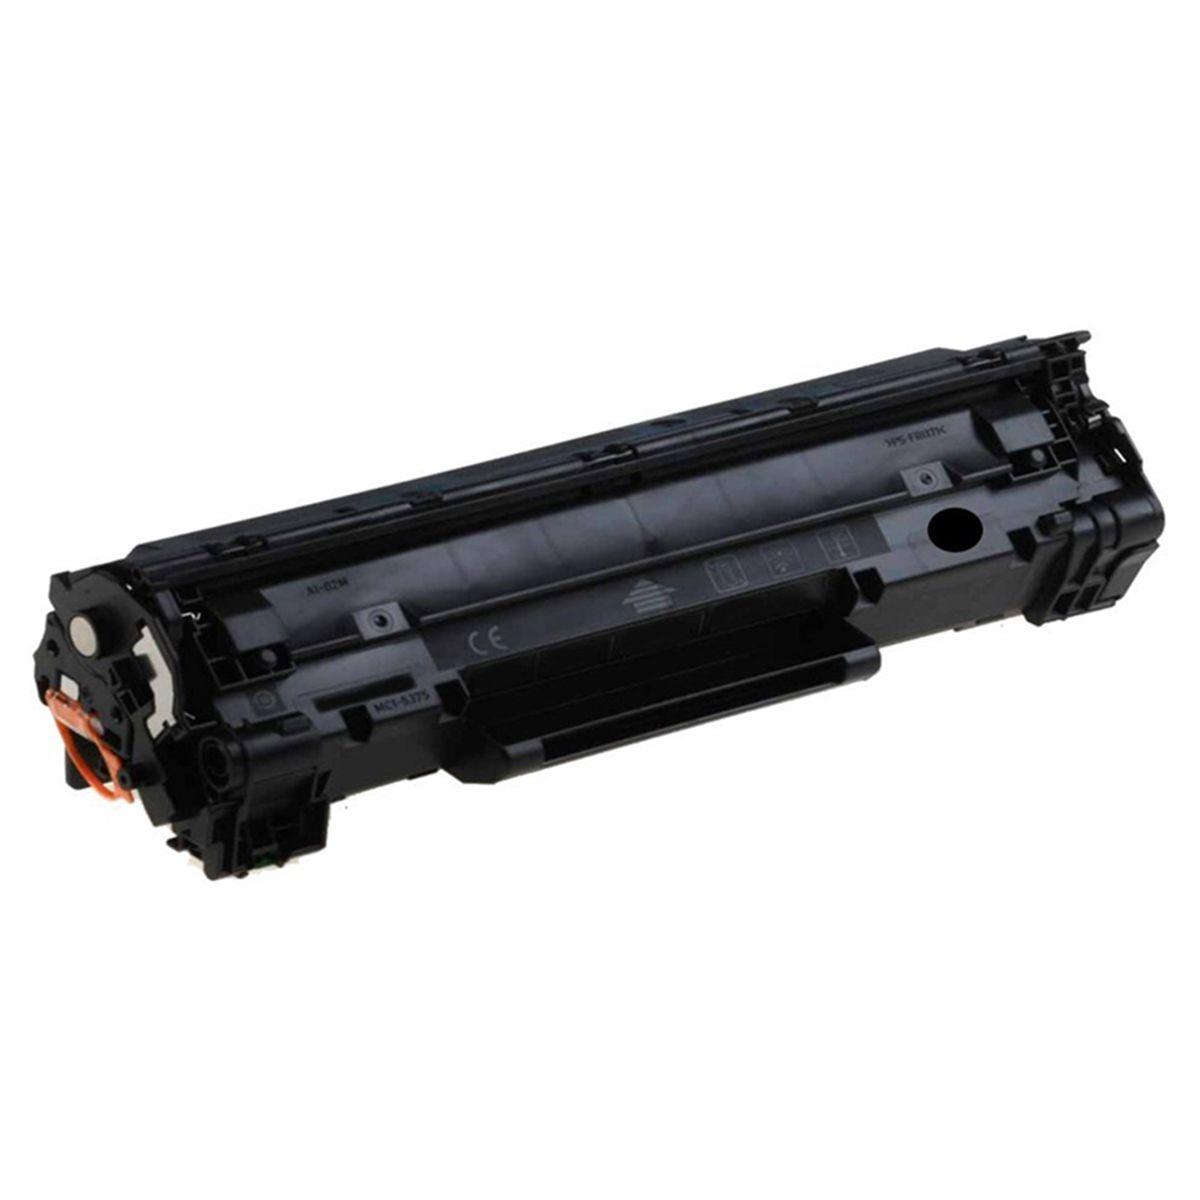 Toner HP CF400X Preto para impressoras M252DW M277DW M252 M277 Compatível